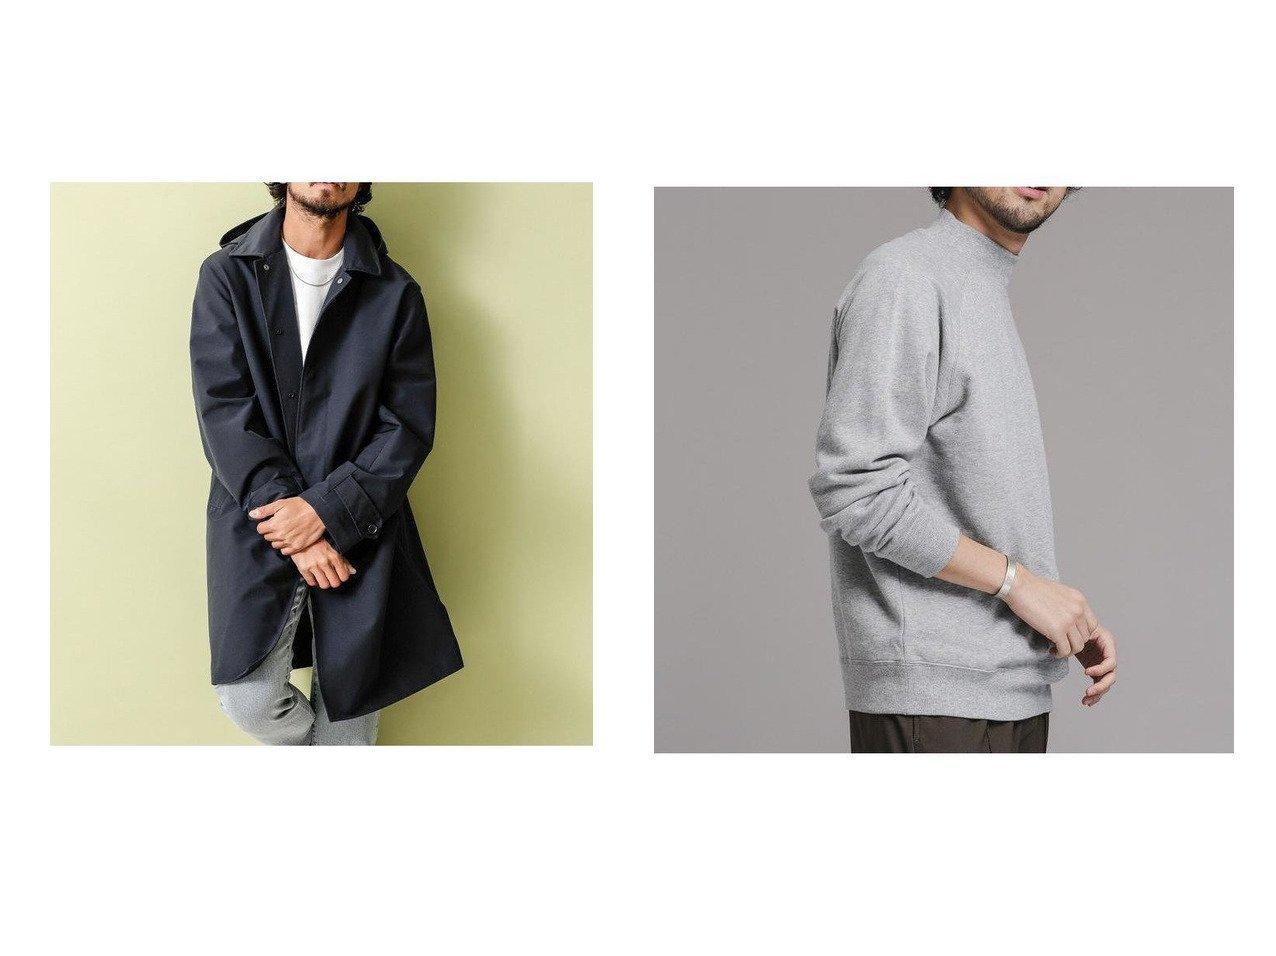 【nano universe / MEN/ナノ ユニバース】のモックネックラグランスウェット&7DAYS COATフード脱着ステンコート 【MEN】おすすめ!人気トレンド・男性、メンズファッションの通販 おすすめで人気の流行・トレンド、ファッションの通販商品 メンズファッション・キッズファッション・インテリア・家具・レディースファッション・服の通販 founy(ファニー) https://founy.com/ ファッション Fashion メンズファッション MEN アウター Coats Outerwear Men トレンチコート Trench Coats トップス カットソー Tops Tshirt Men シャツ Shirts 軽量 シンプル ジャケット ストライプ スーツ ドット ドレス インナー スリーブ リラックス |ID:crp329100000025174